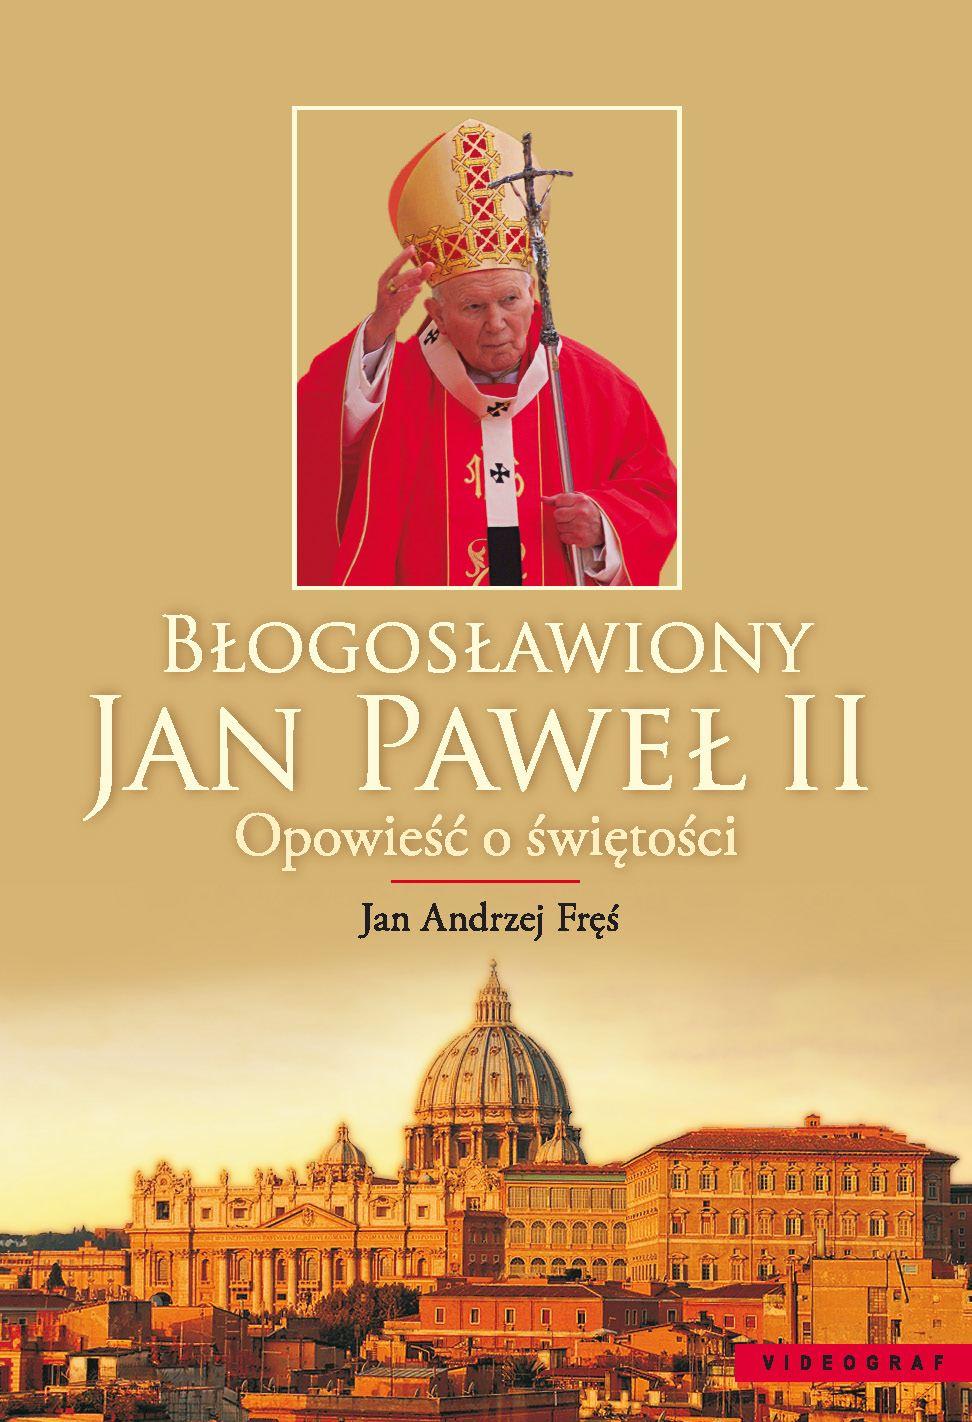 Błogosławiony Jan Paweł II. Opowieść o świętości - Ebook (Książka EPUB) do pobrania w formacie EPUB